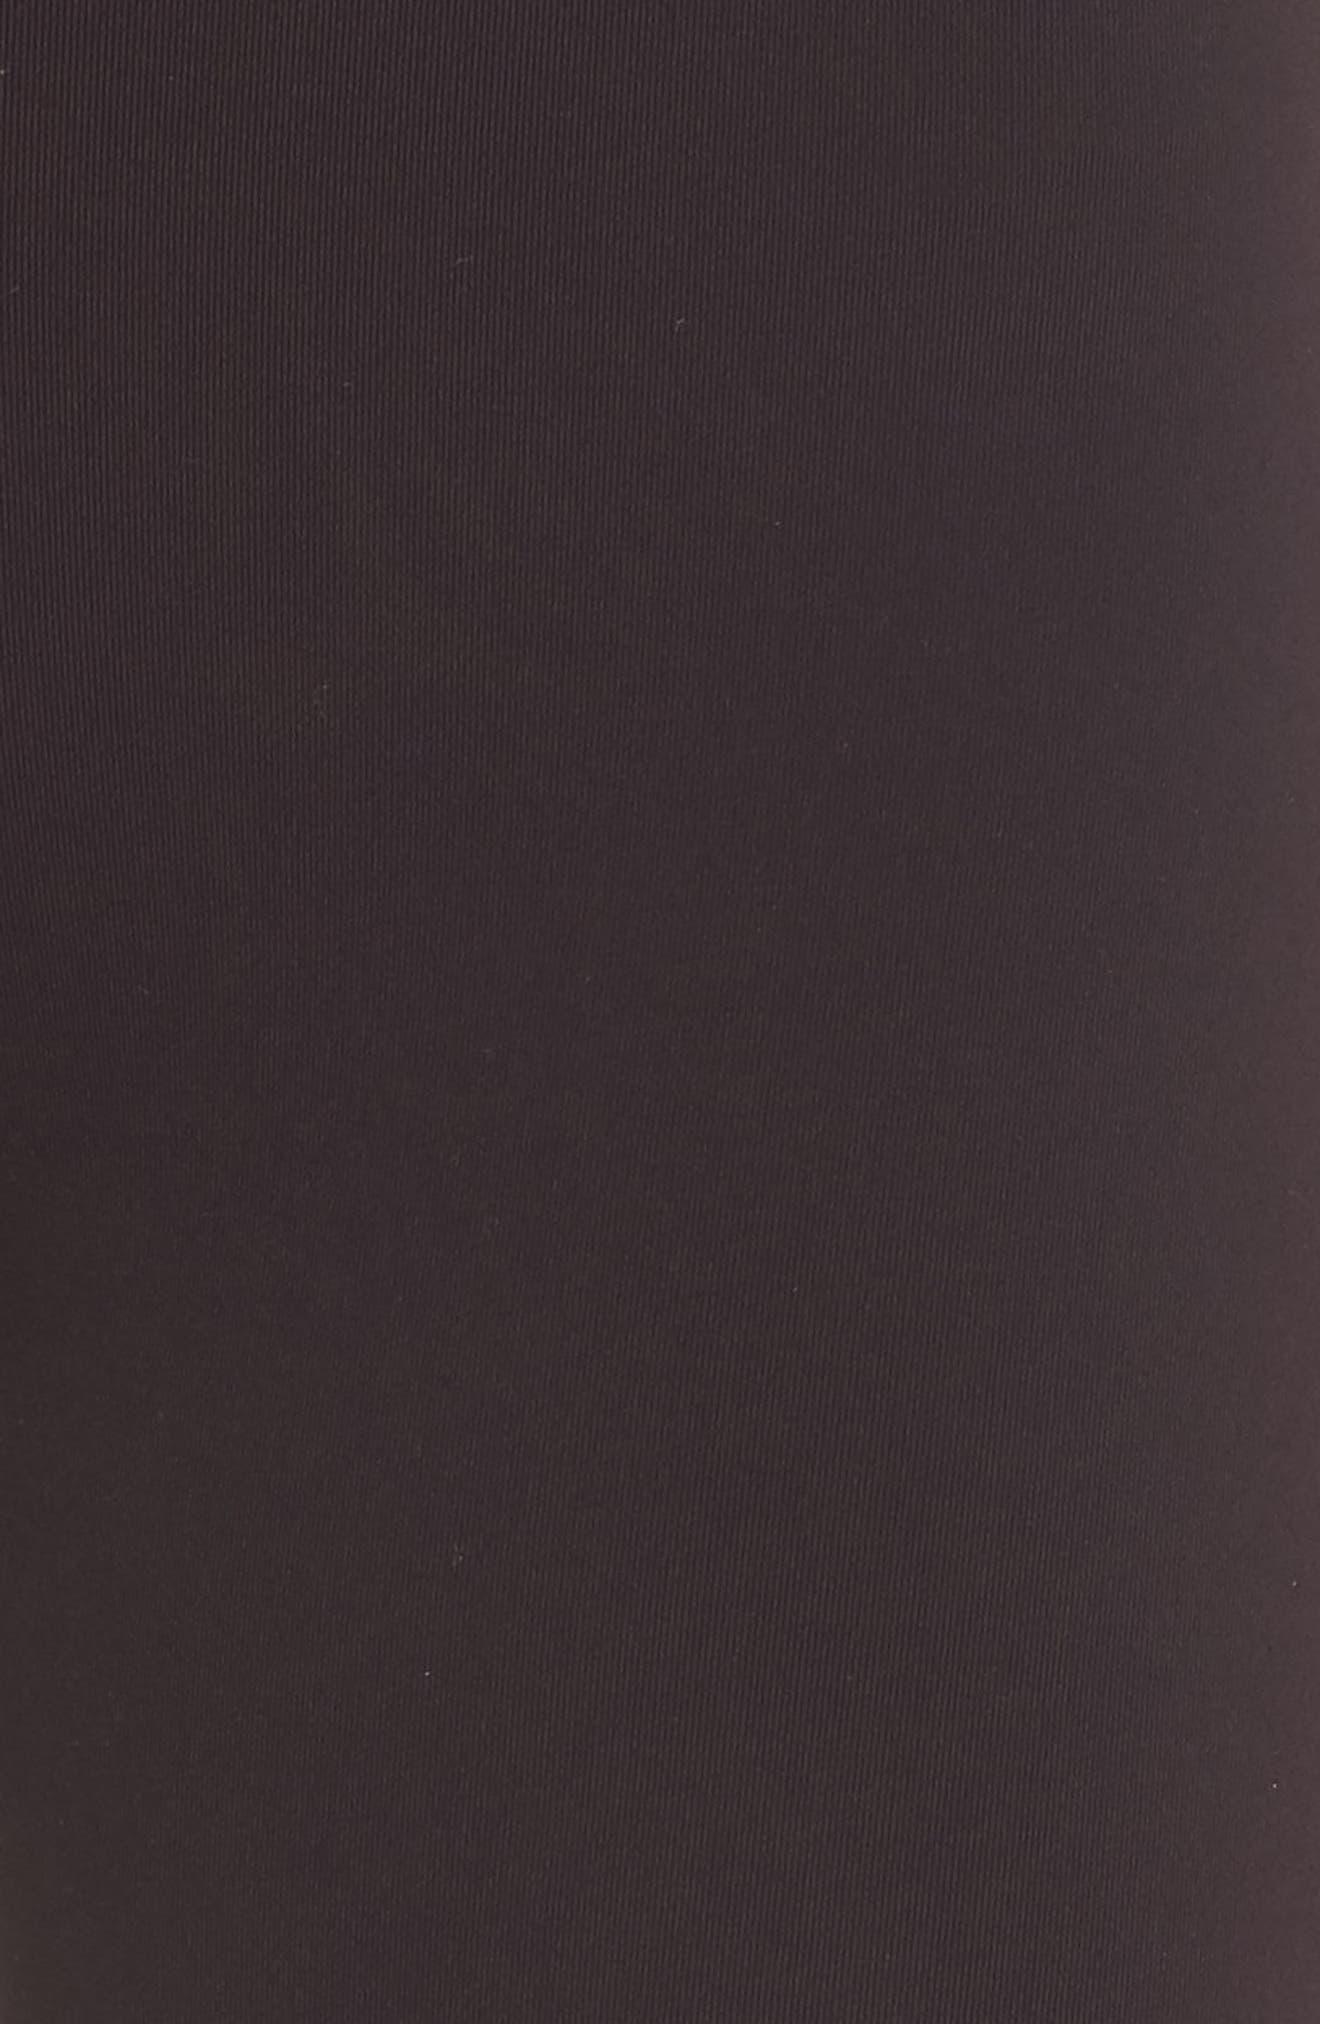 Midfield Leggings,                             Alternate thumbnail 6, color,                             DARK WALNUT/ OFF WHITE